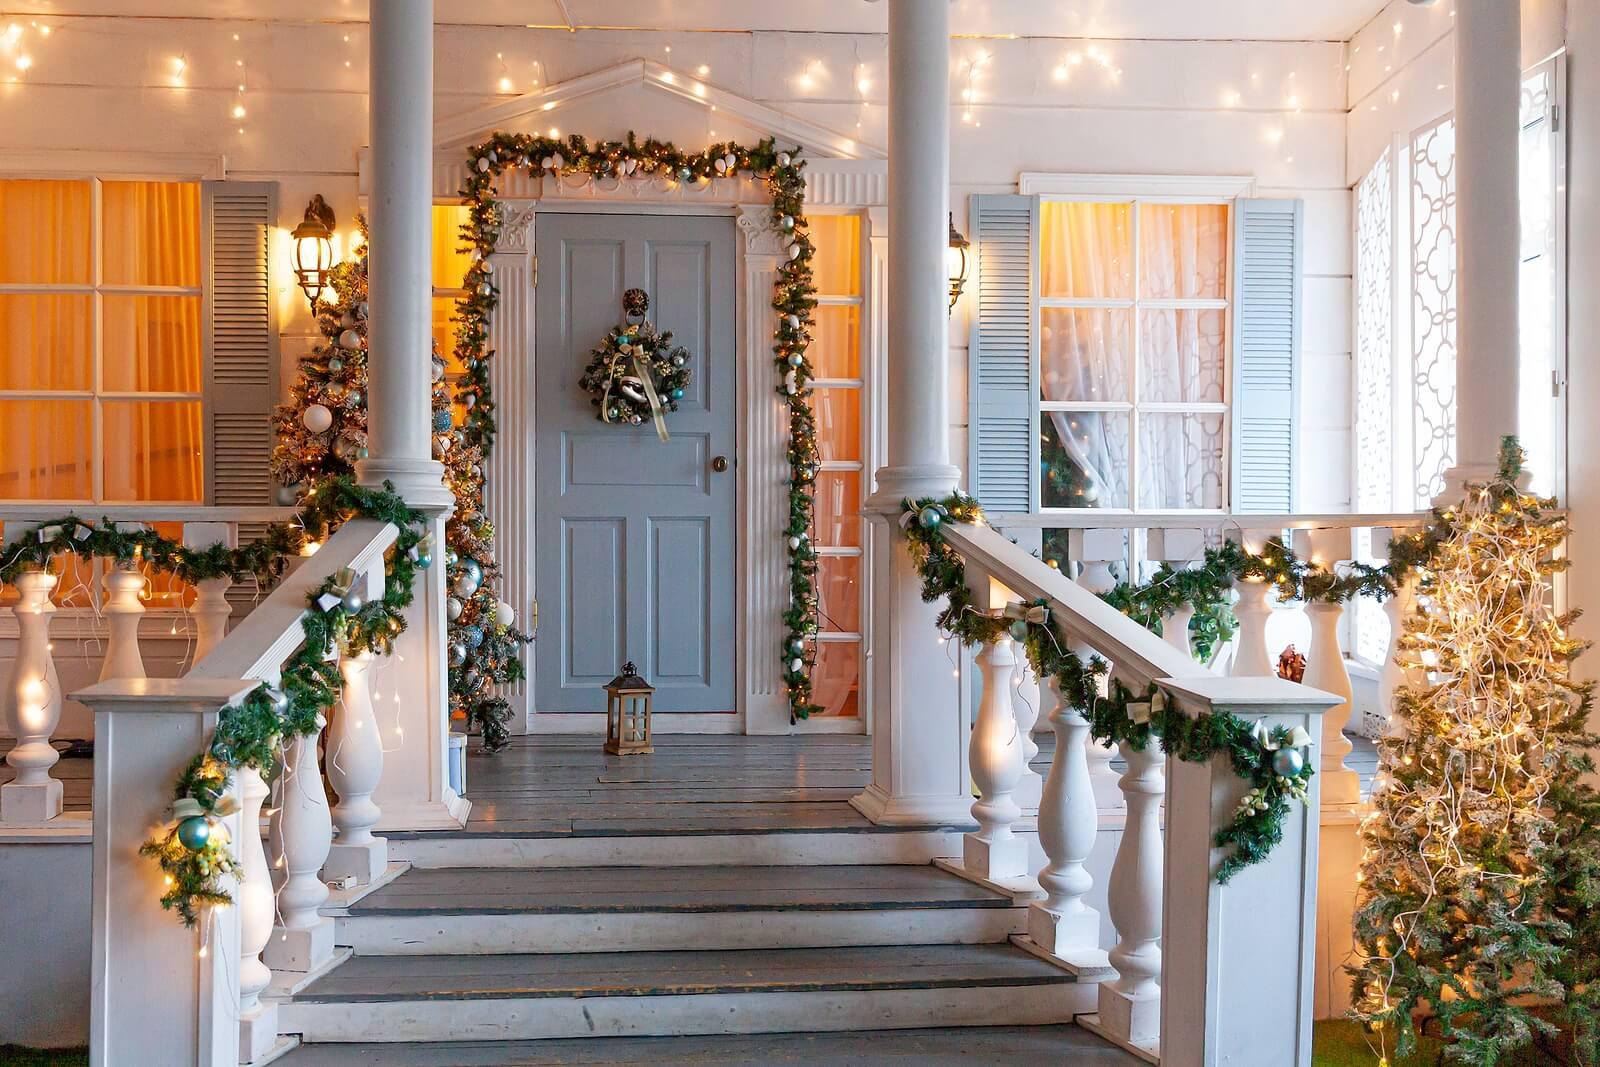 Casa decorada por Navidad porque hay relación entre la decoración navideña y la felicidad.